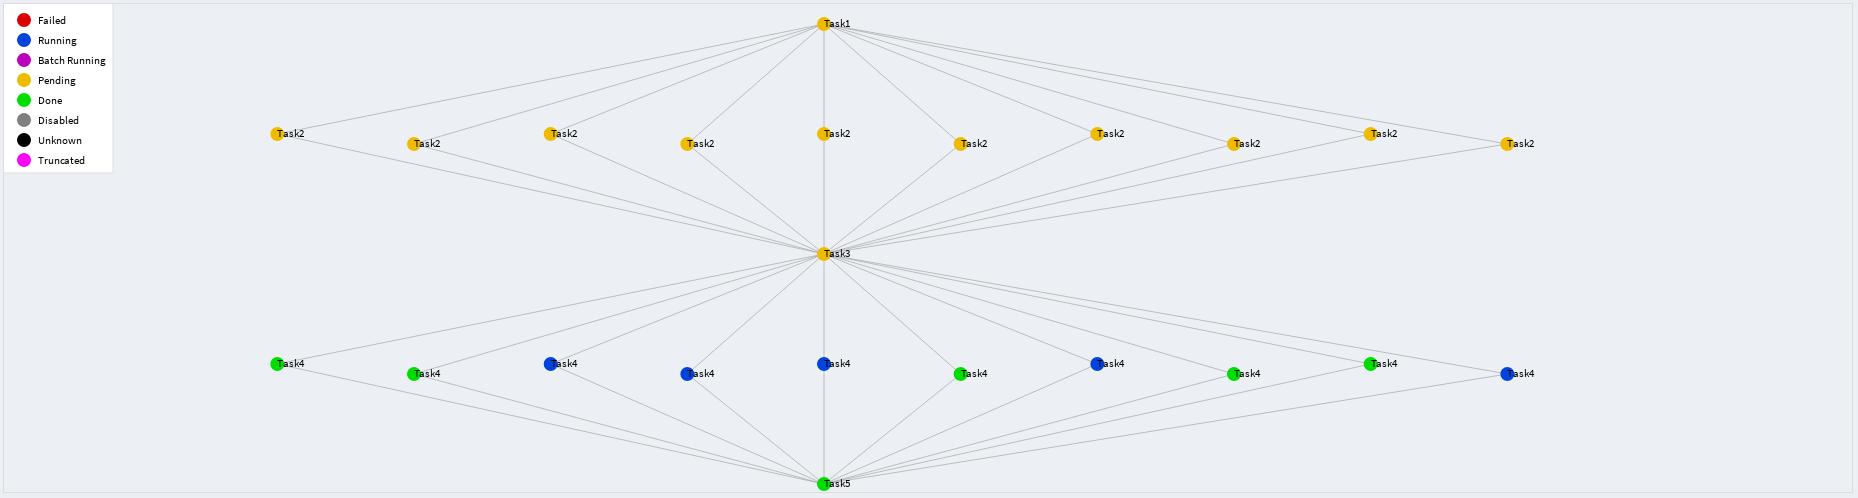 Обзор фреймворка Luigi для построения последовательностей выполнения задач - 6